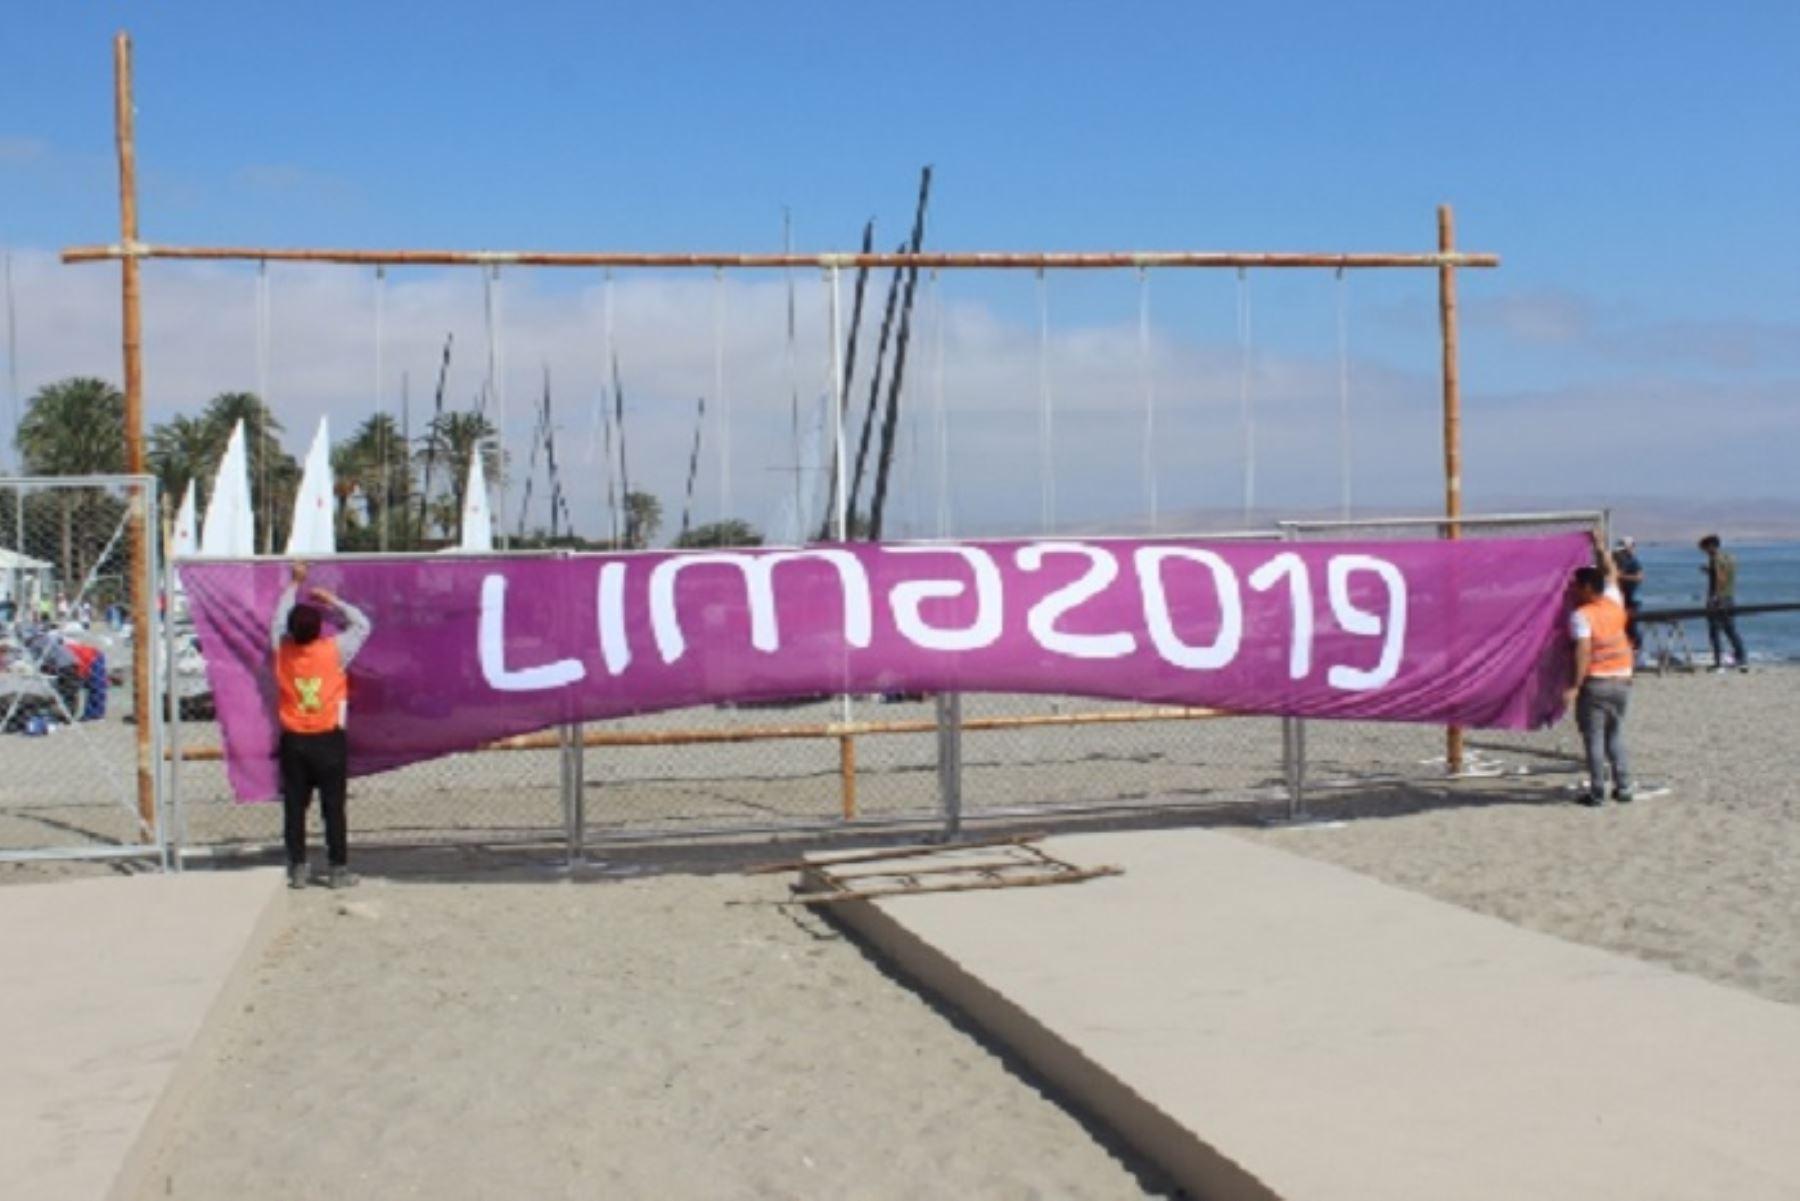 La presencia de más de 50,000 visitantes en Paracas, región Ica, durante los feriados de Fiestas Patrias, los decretados por los Juegos Panamericanos Lima 2019 y el desarrollo del evento mismo desde el 26 de julio al 11 de agosto, han significado alrededor de US$ 4.0 millones en divisas para esta jurisdicción.